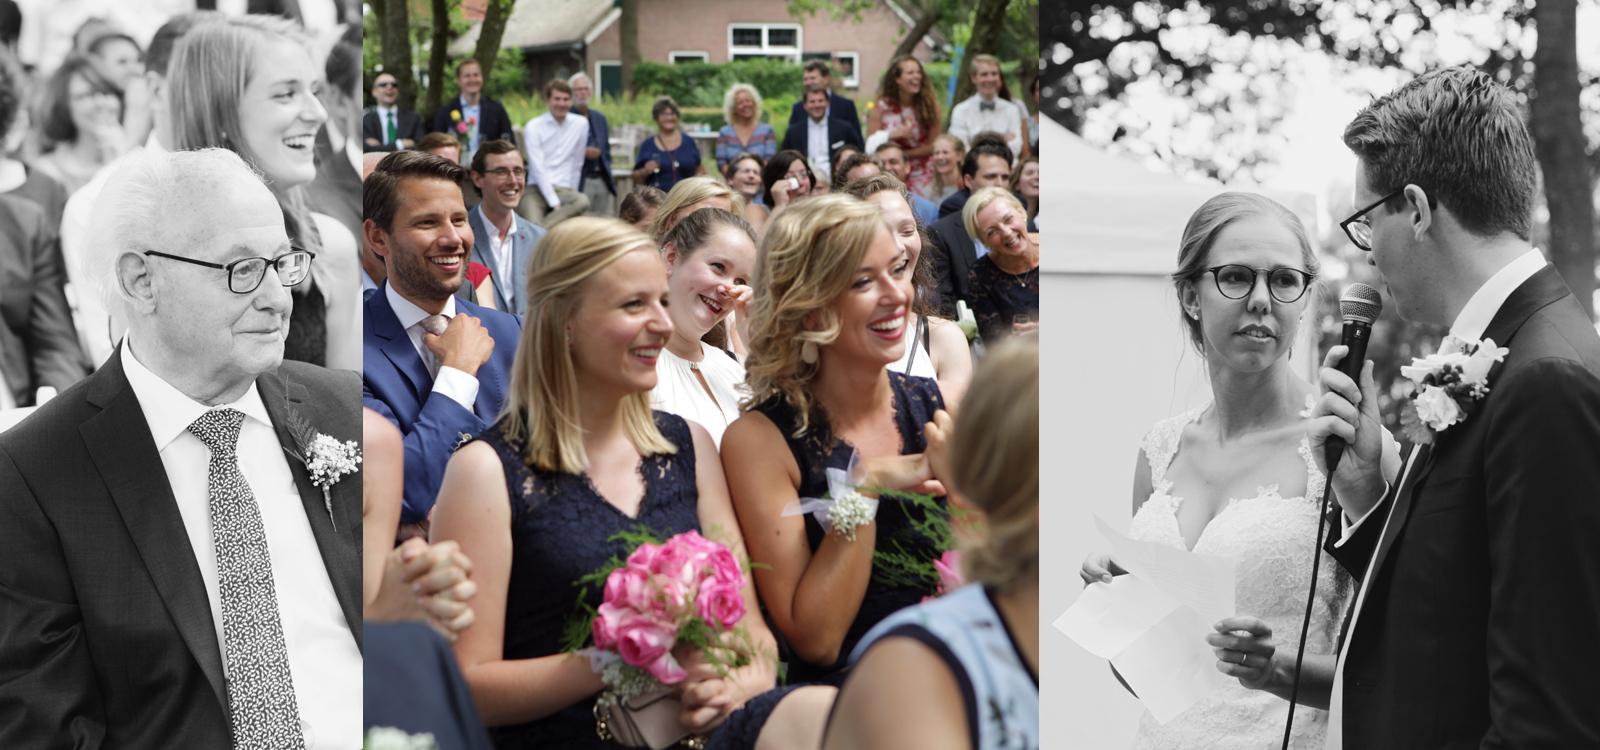 Emotionele huwelijksfotografie. Prachtige foto van een speech.